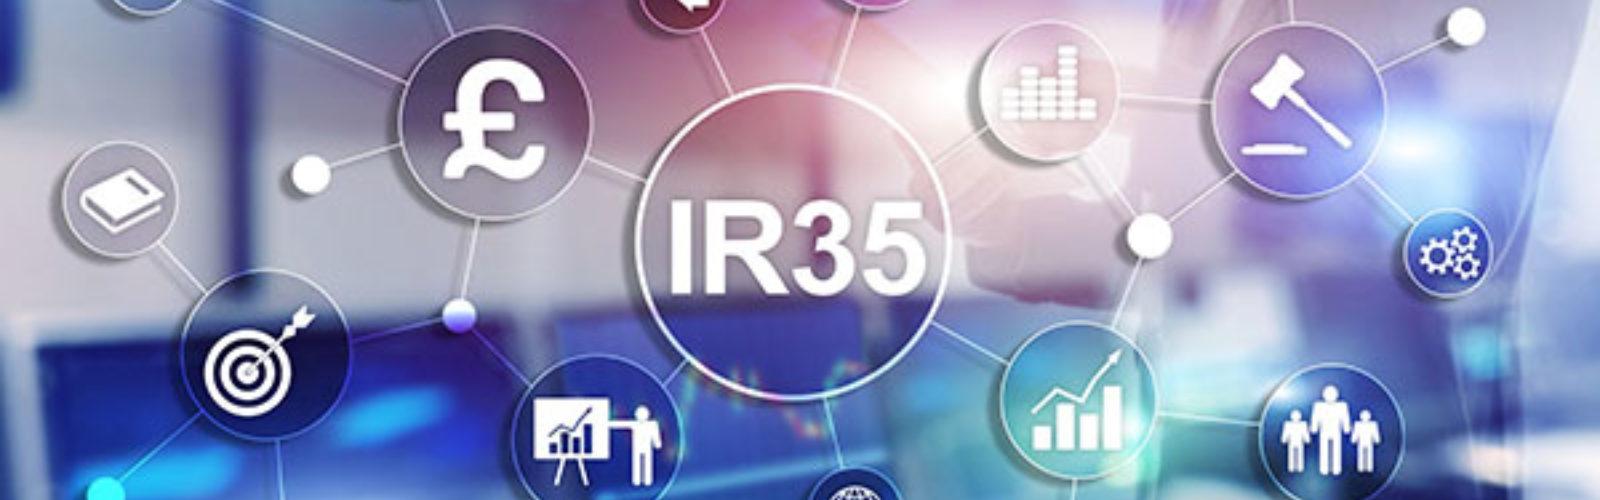 IR35 image (bs302179246)_web.jpg 1